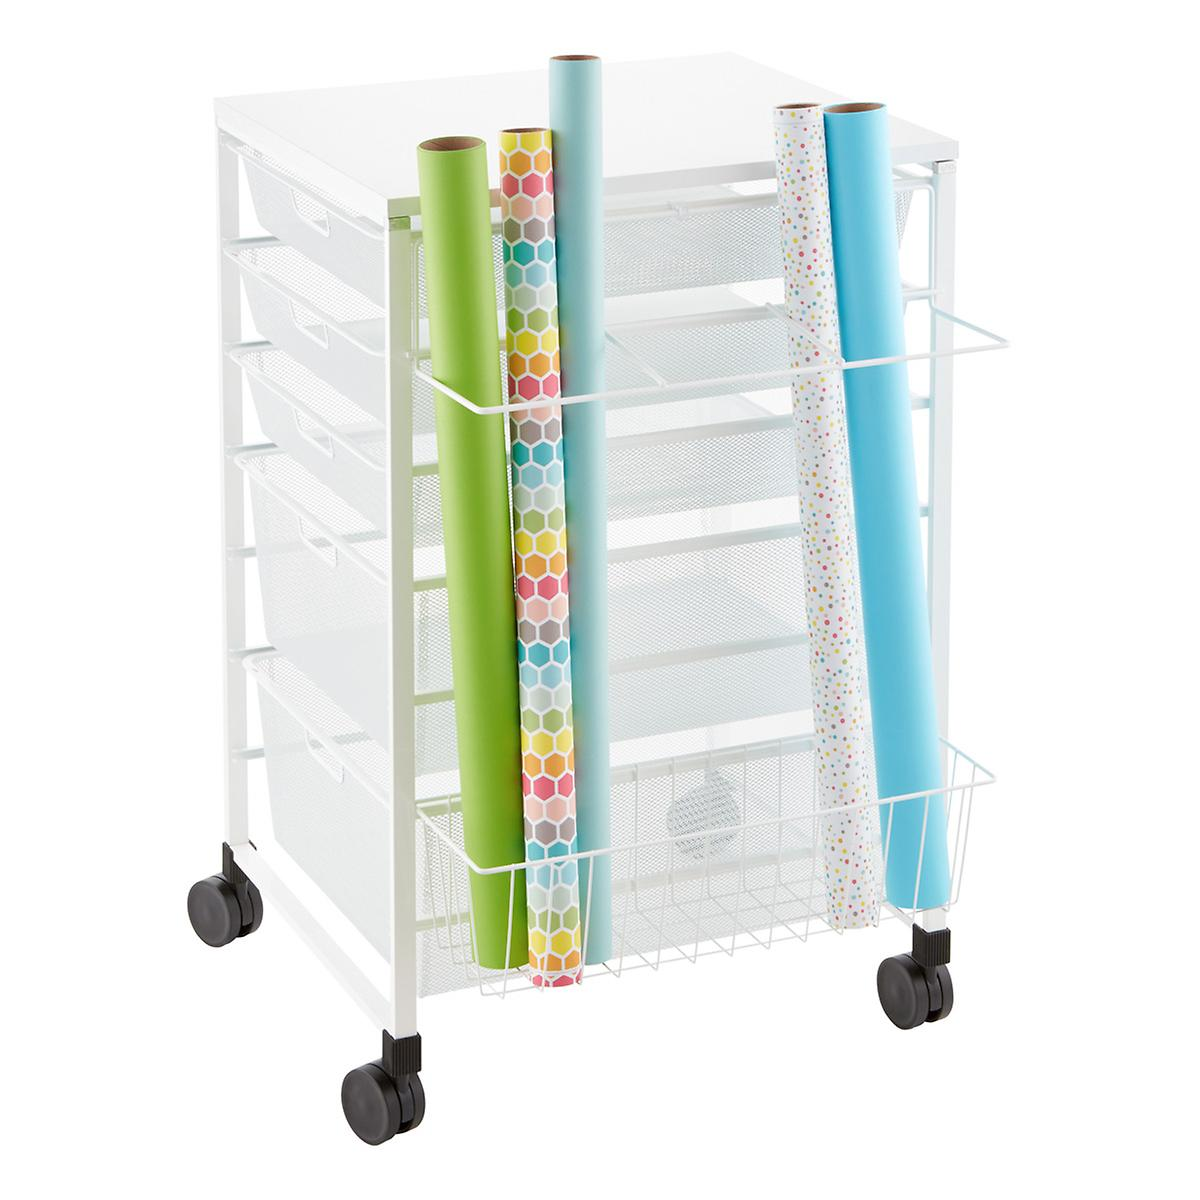 White elfa Gift Wrap Organizer The Container Store